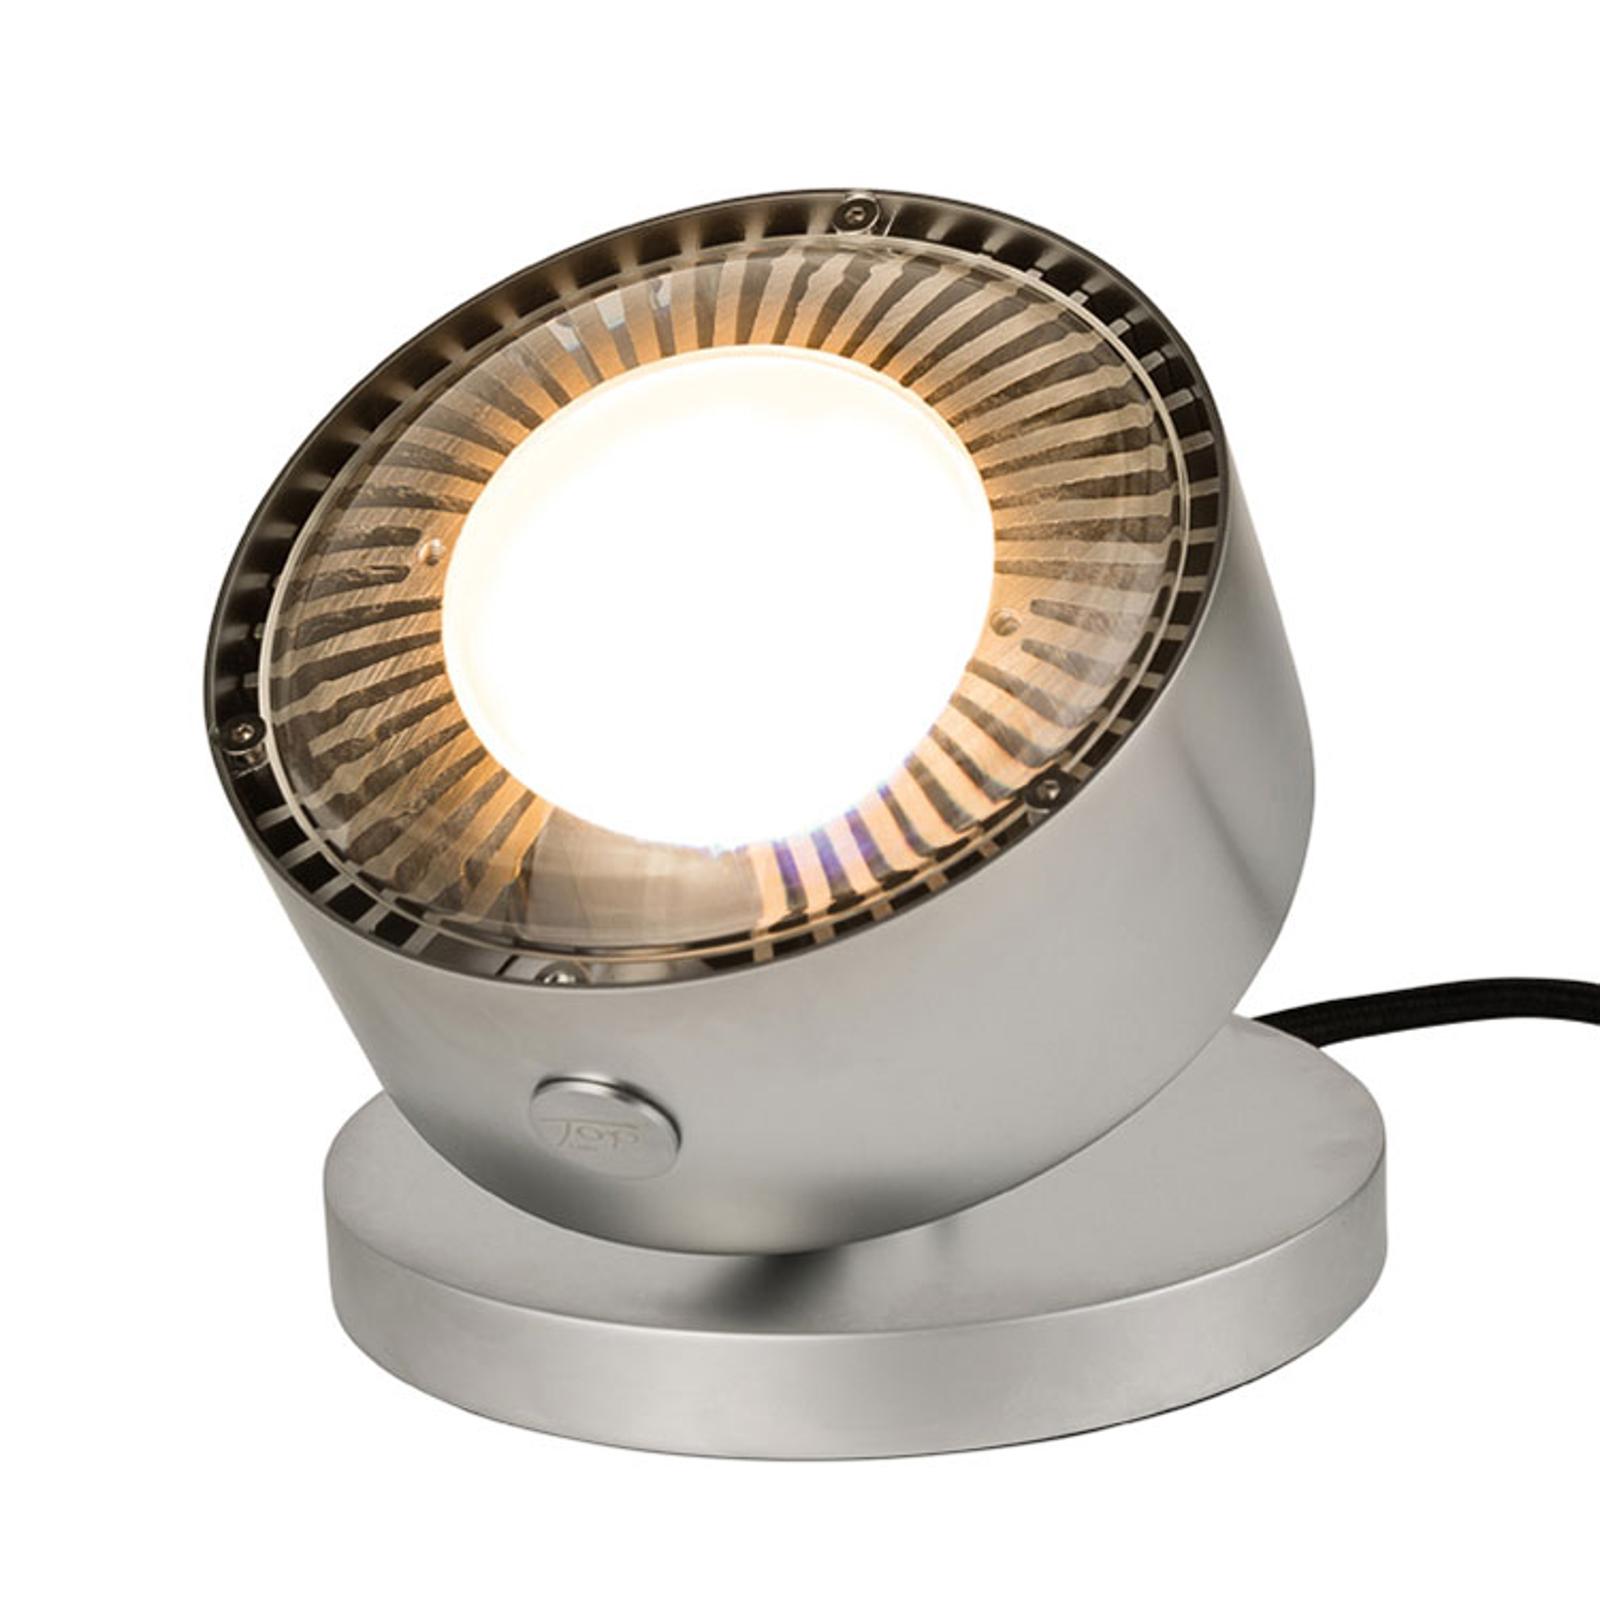 LED-Tischstrahler Puk Maxx Spot, chrom matt